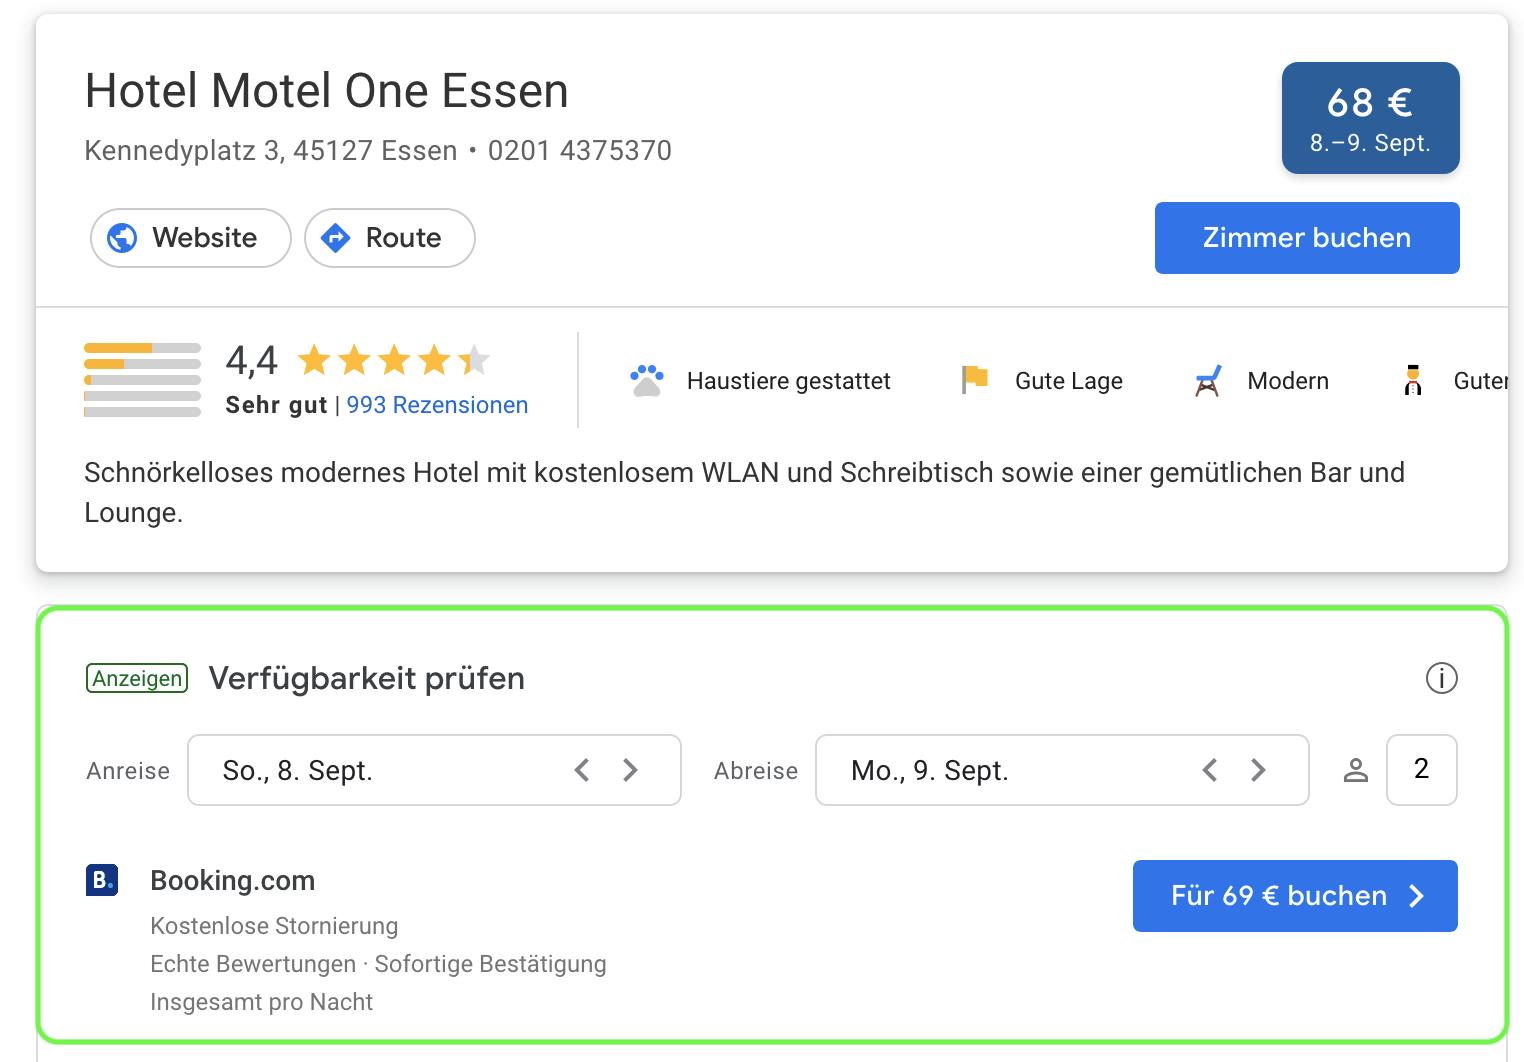 Google Hotel Ads Beispiel